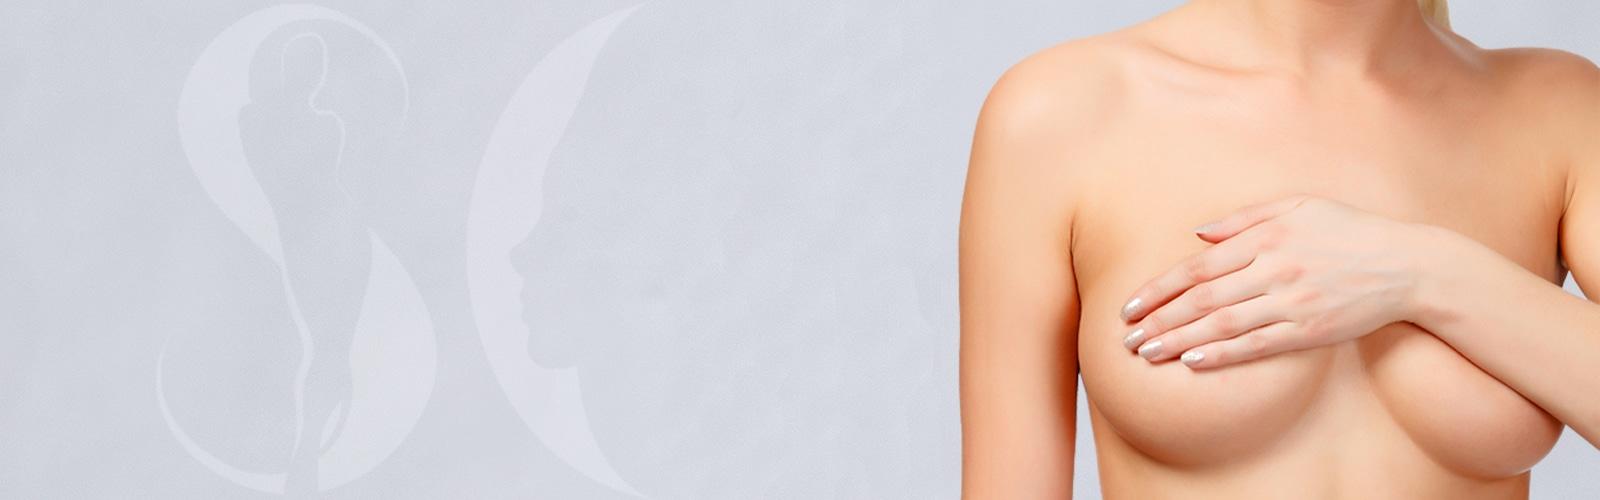 Chirurgie du sein à reims par le Chirurgien plasticien et esthétique Dr Chiriac